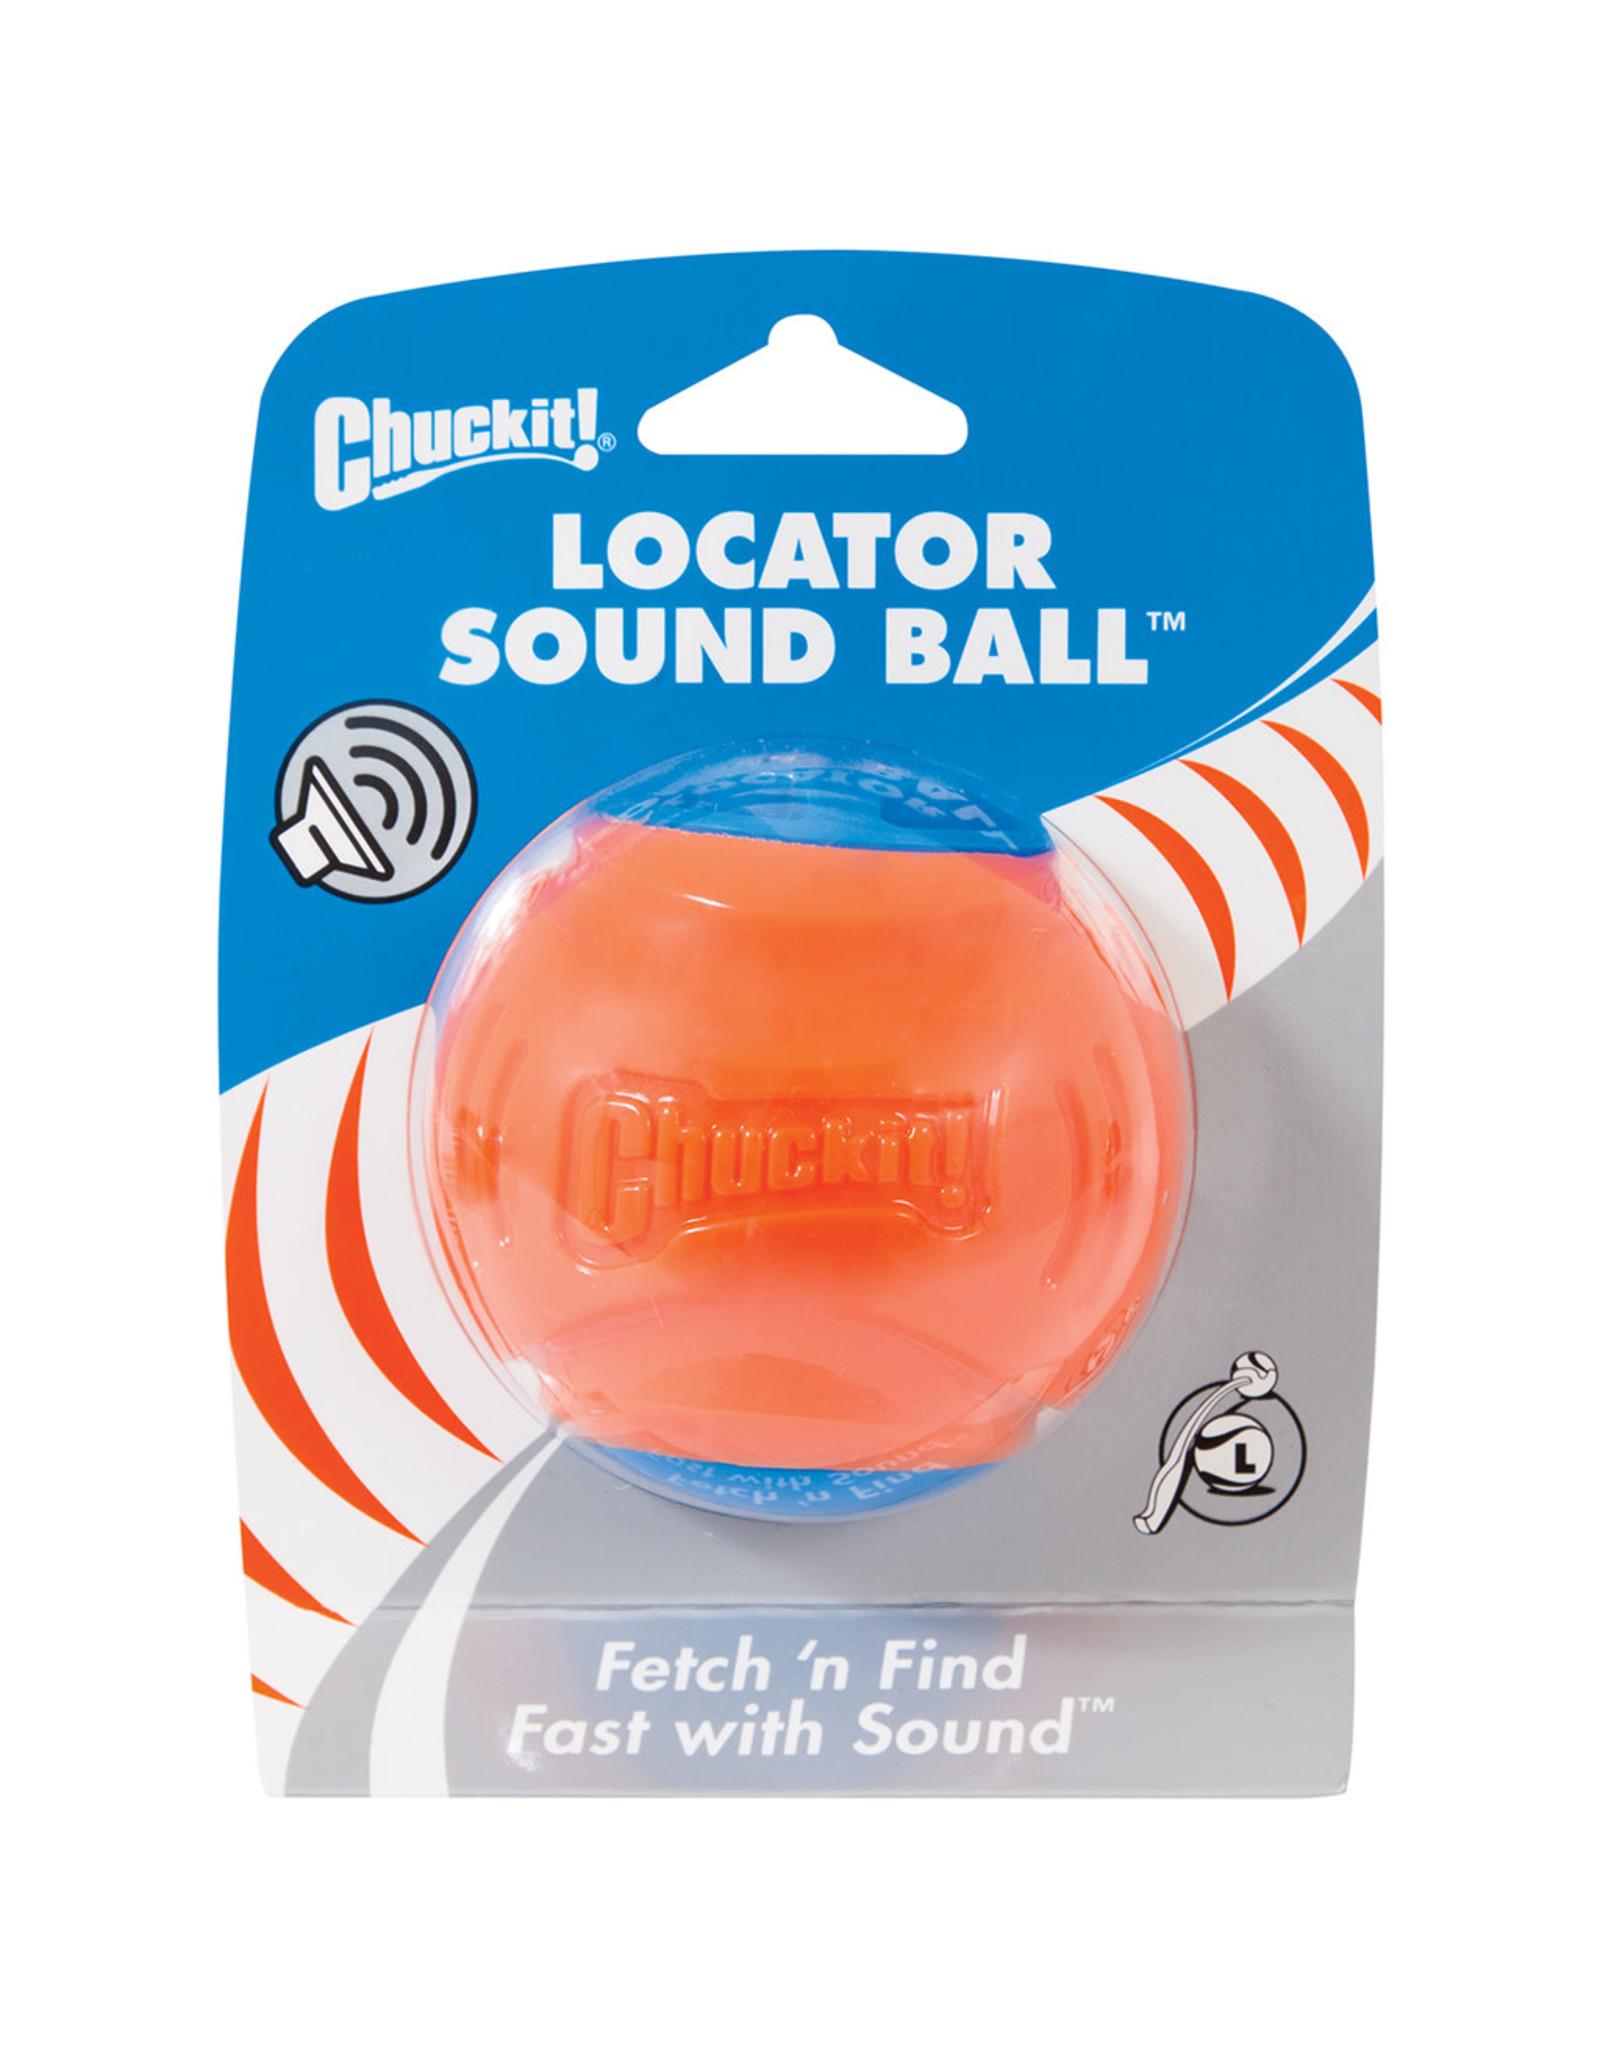 Chuckit! Chuckit! Sound Locator Ball